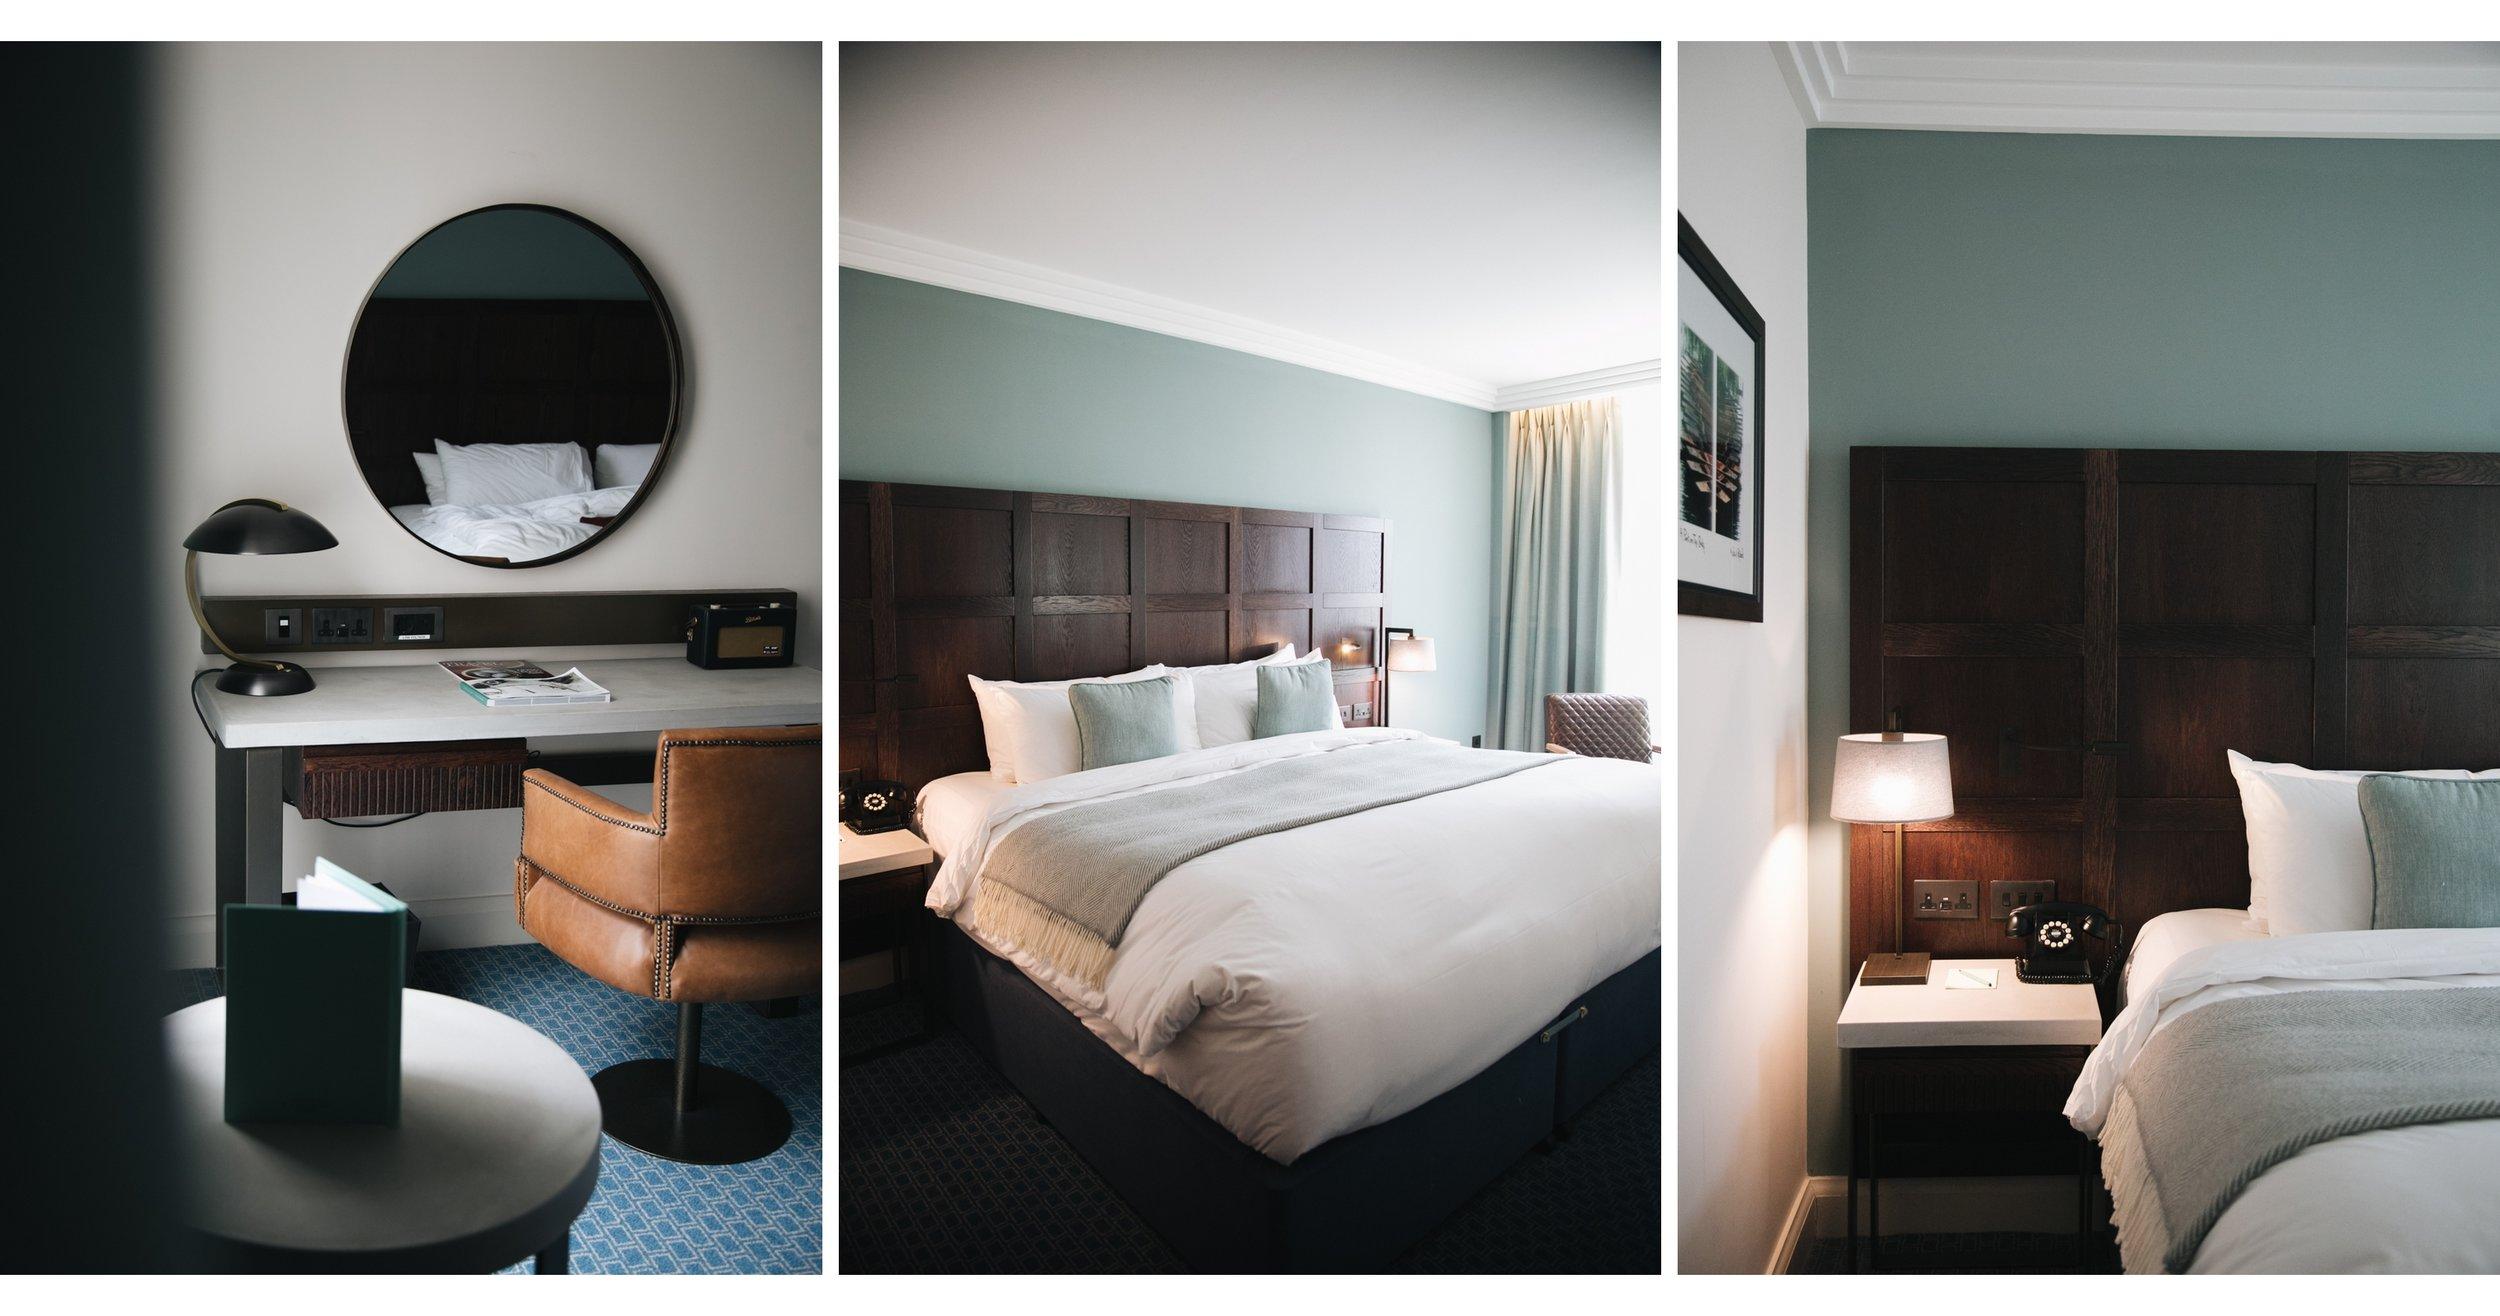 Tamburlaine-hotel-cambridge-ou-dormir.jpg